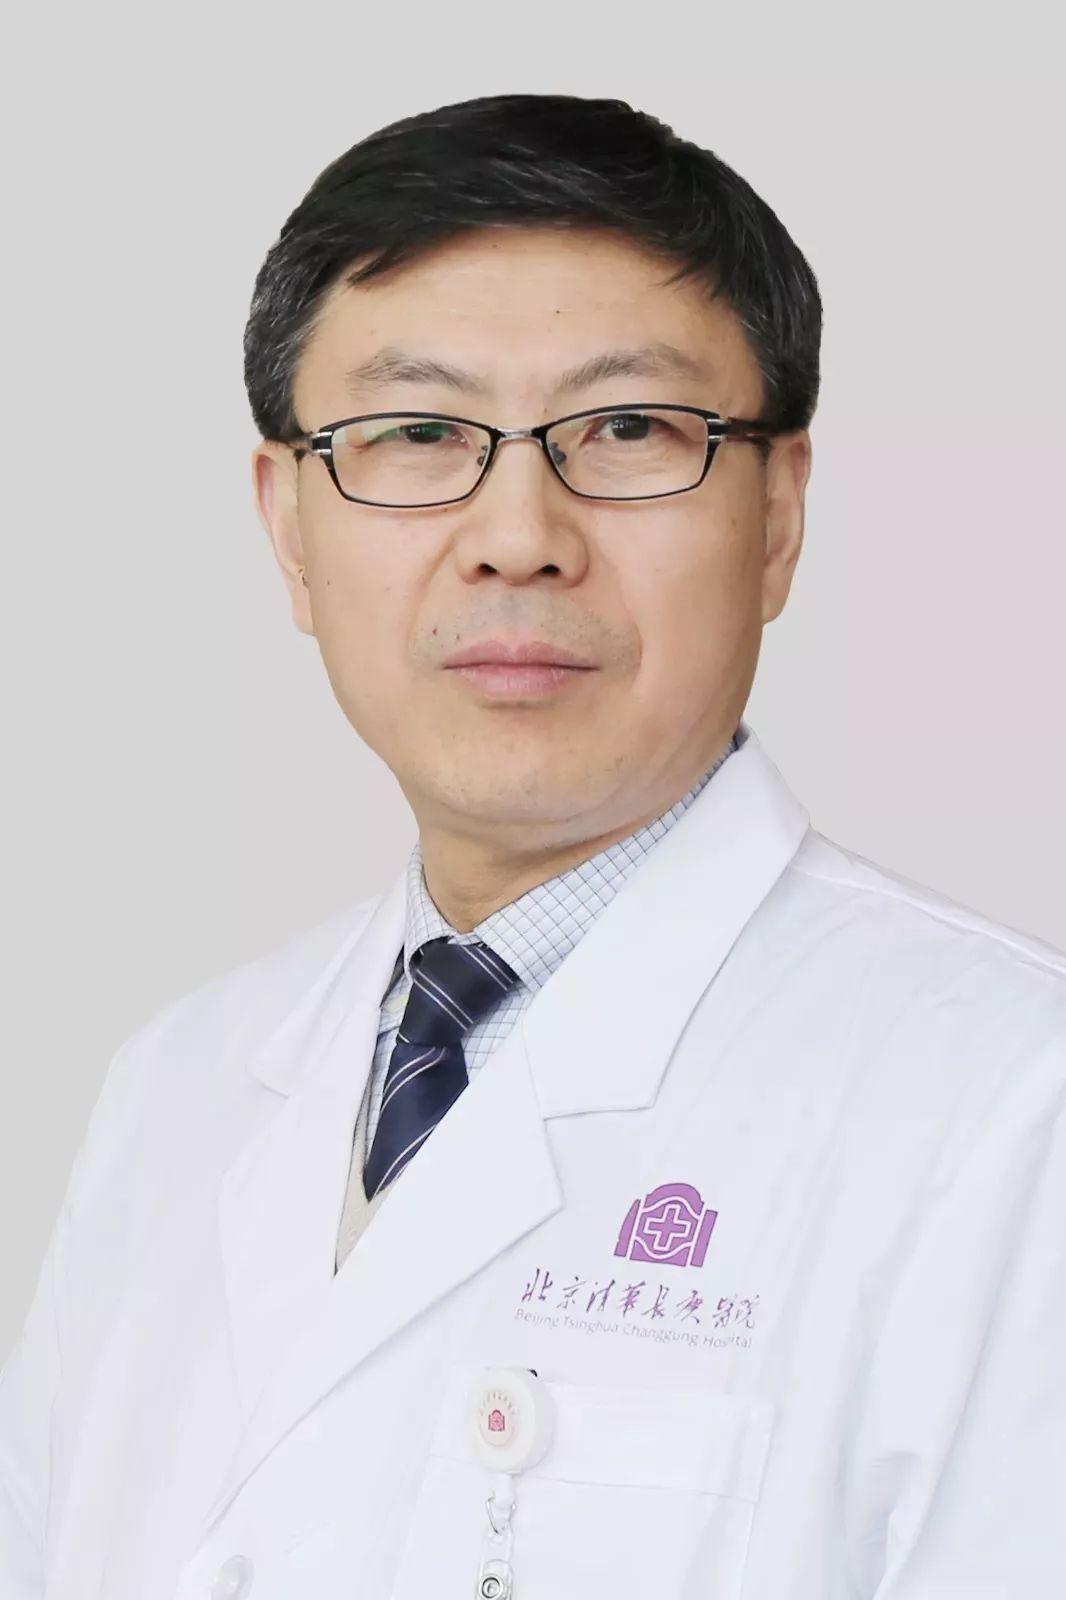 中国原研丙肝治疗方案研究入选美国肝病学会年会TOP10%